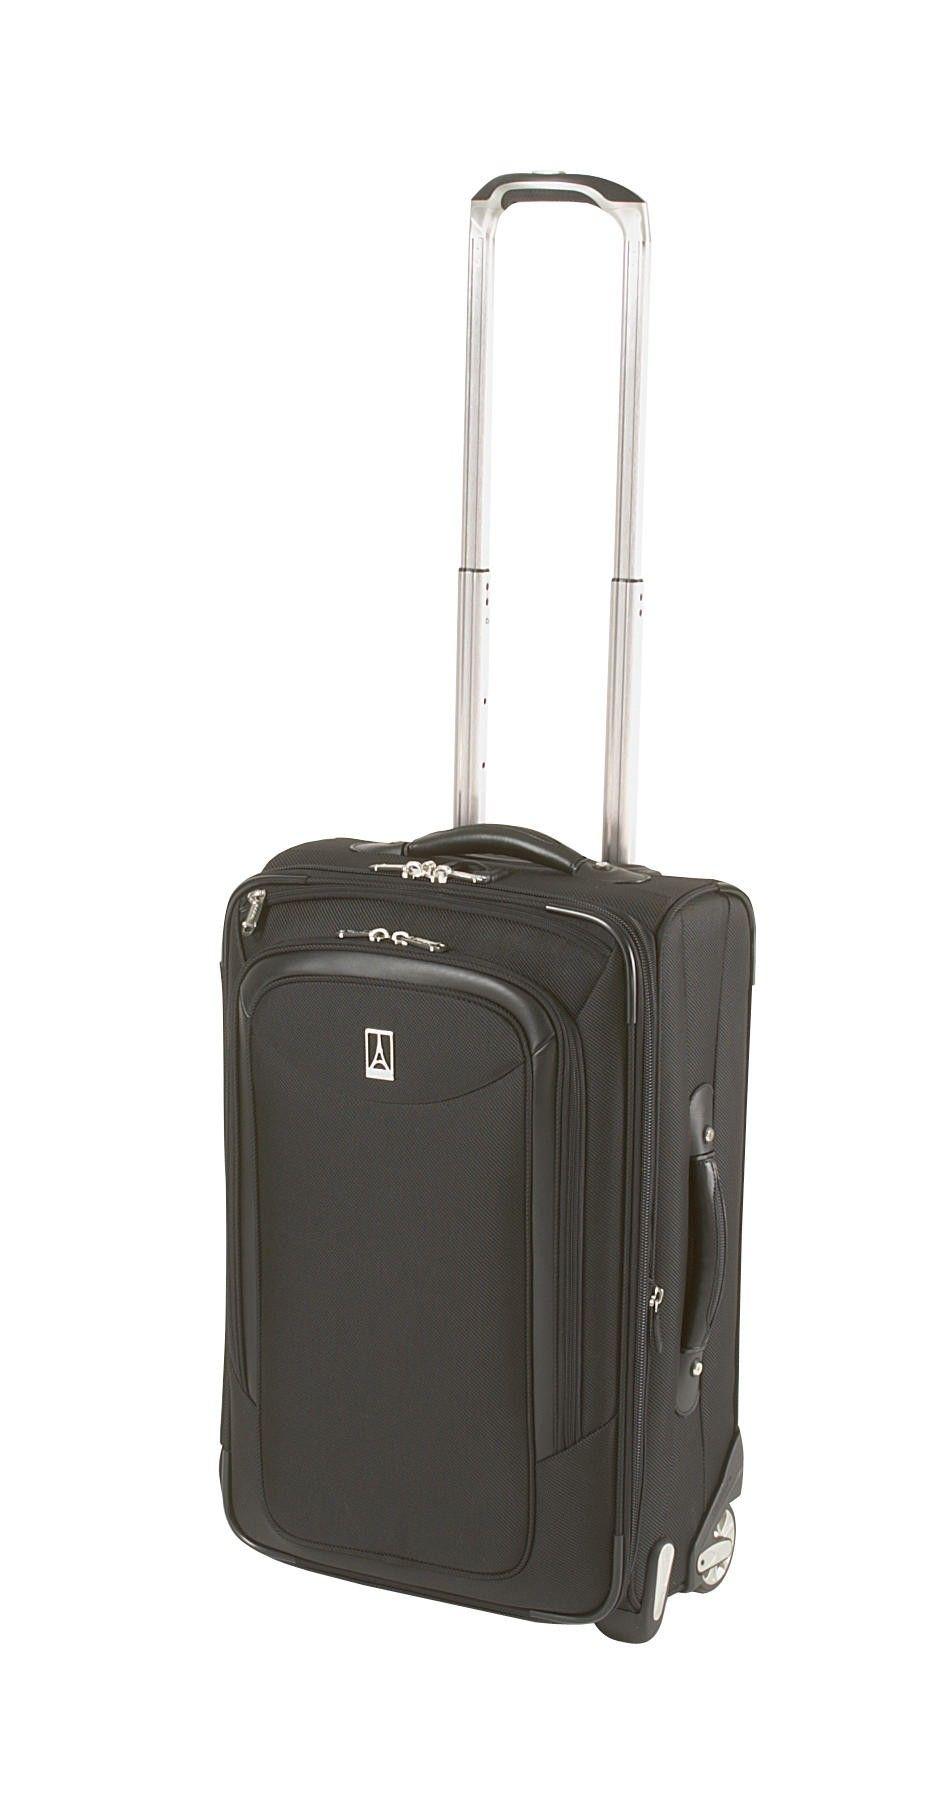 2266fc537 Travelpro Platinum Magna 22